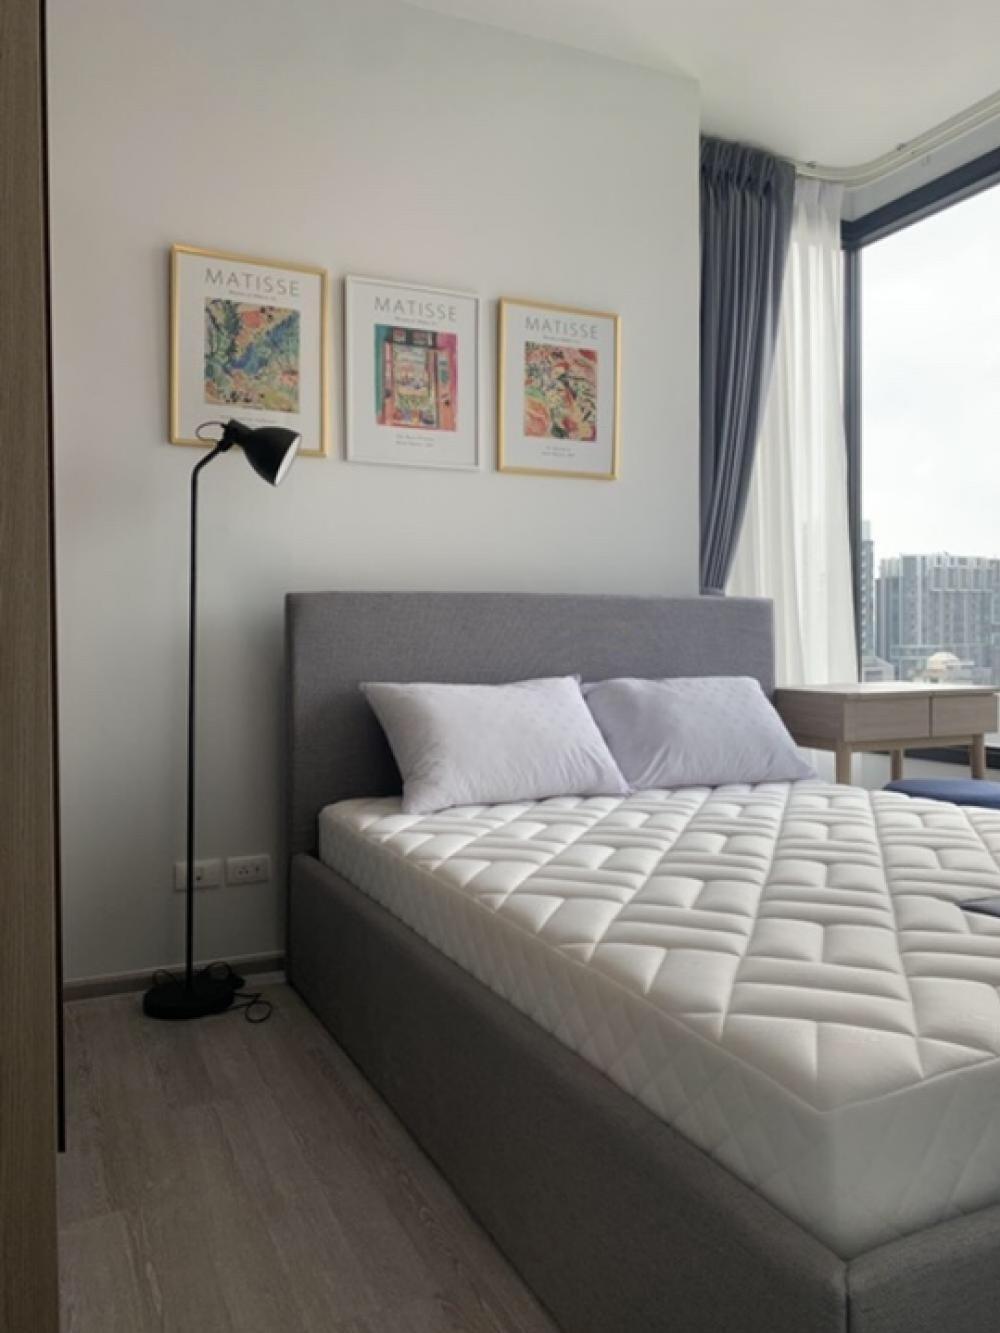 For RentCondoSukhumvit, Asoke, Thonglor : For rent, XT Ekkamai, in the heart of Ekkamai, size 1 bedroom, 30 sq.m., 10th floor, corner room.